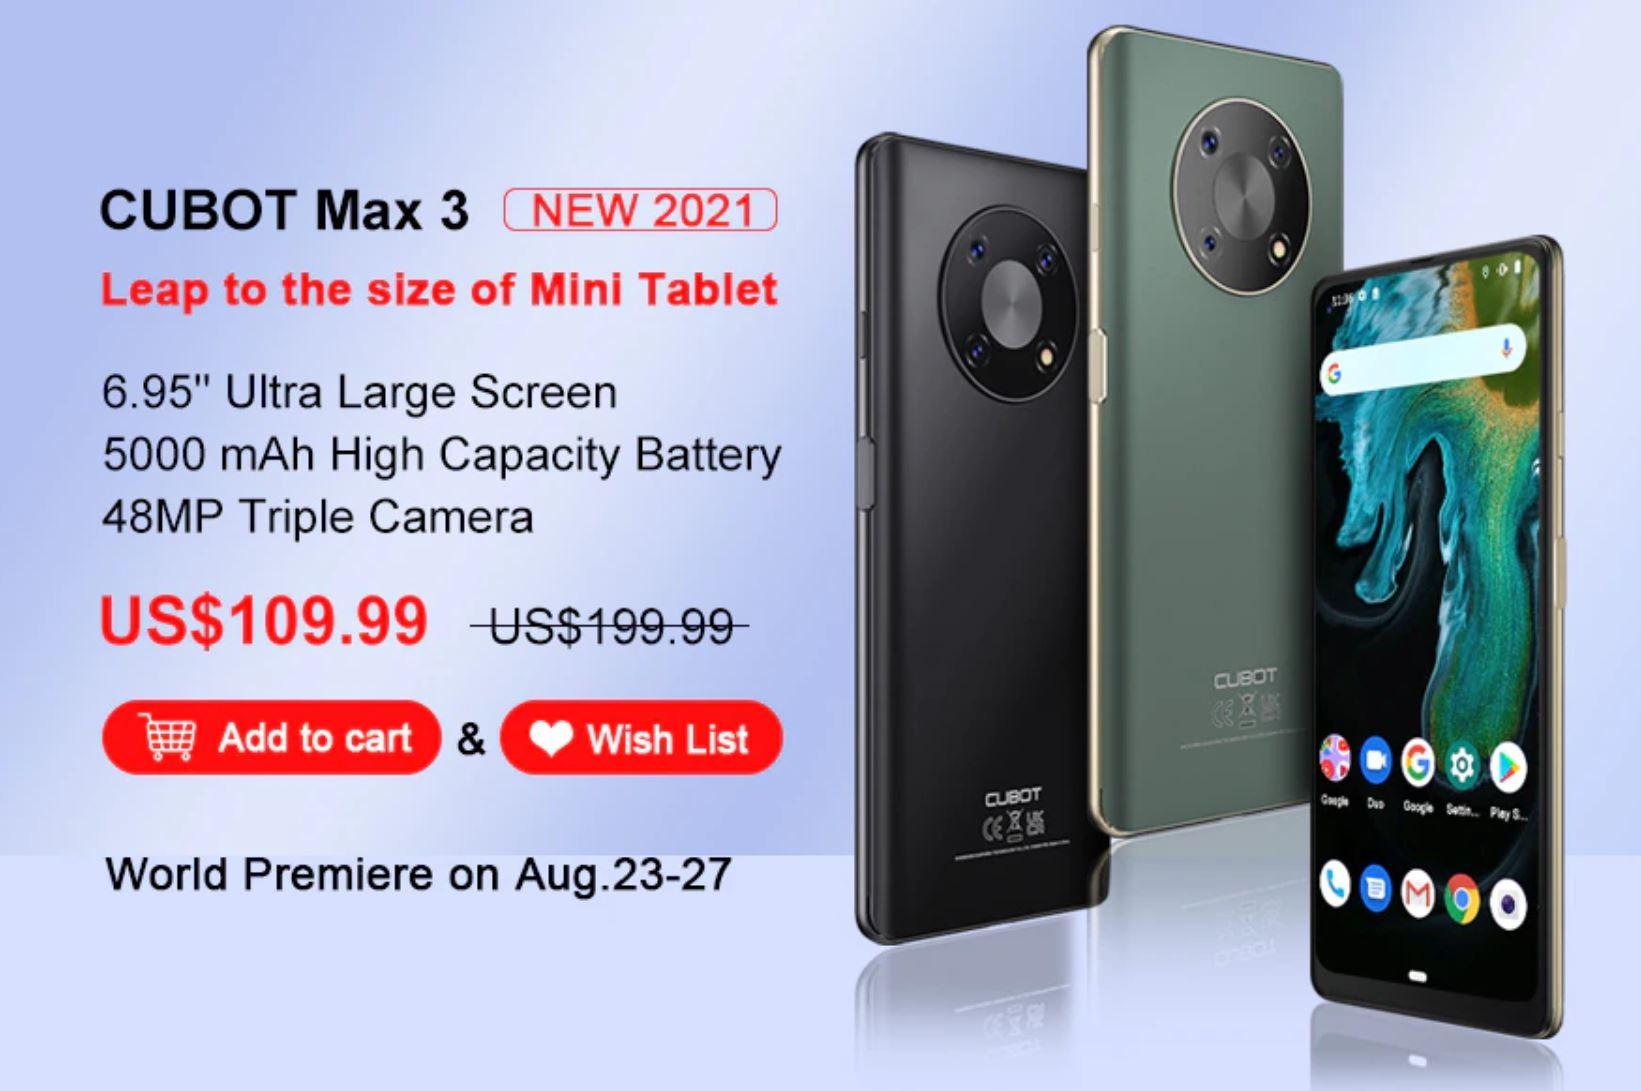 wyprzedaż smartfonów w Aliexpress na koniec wakacji - CUBOT Max 3